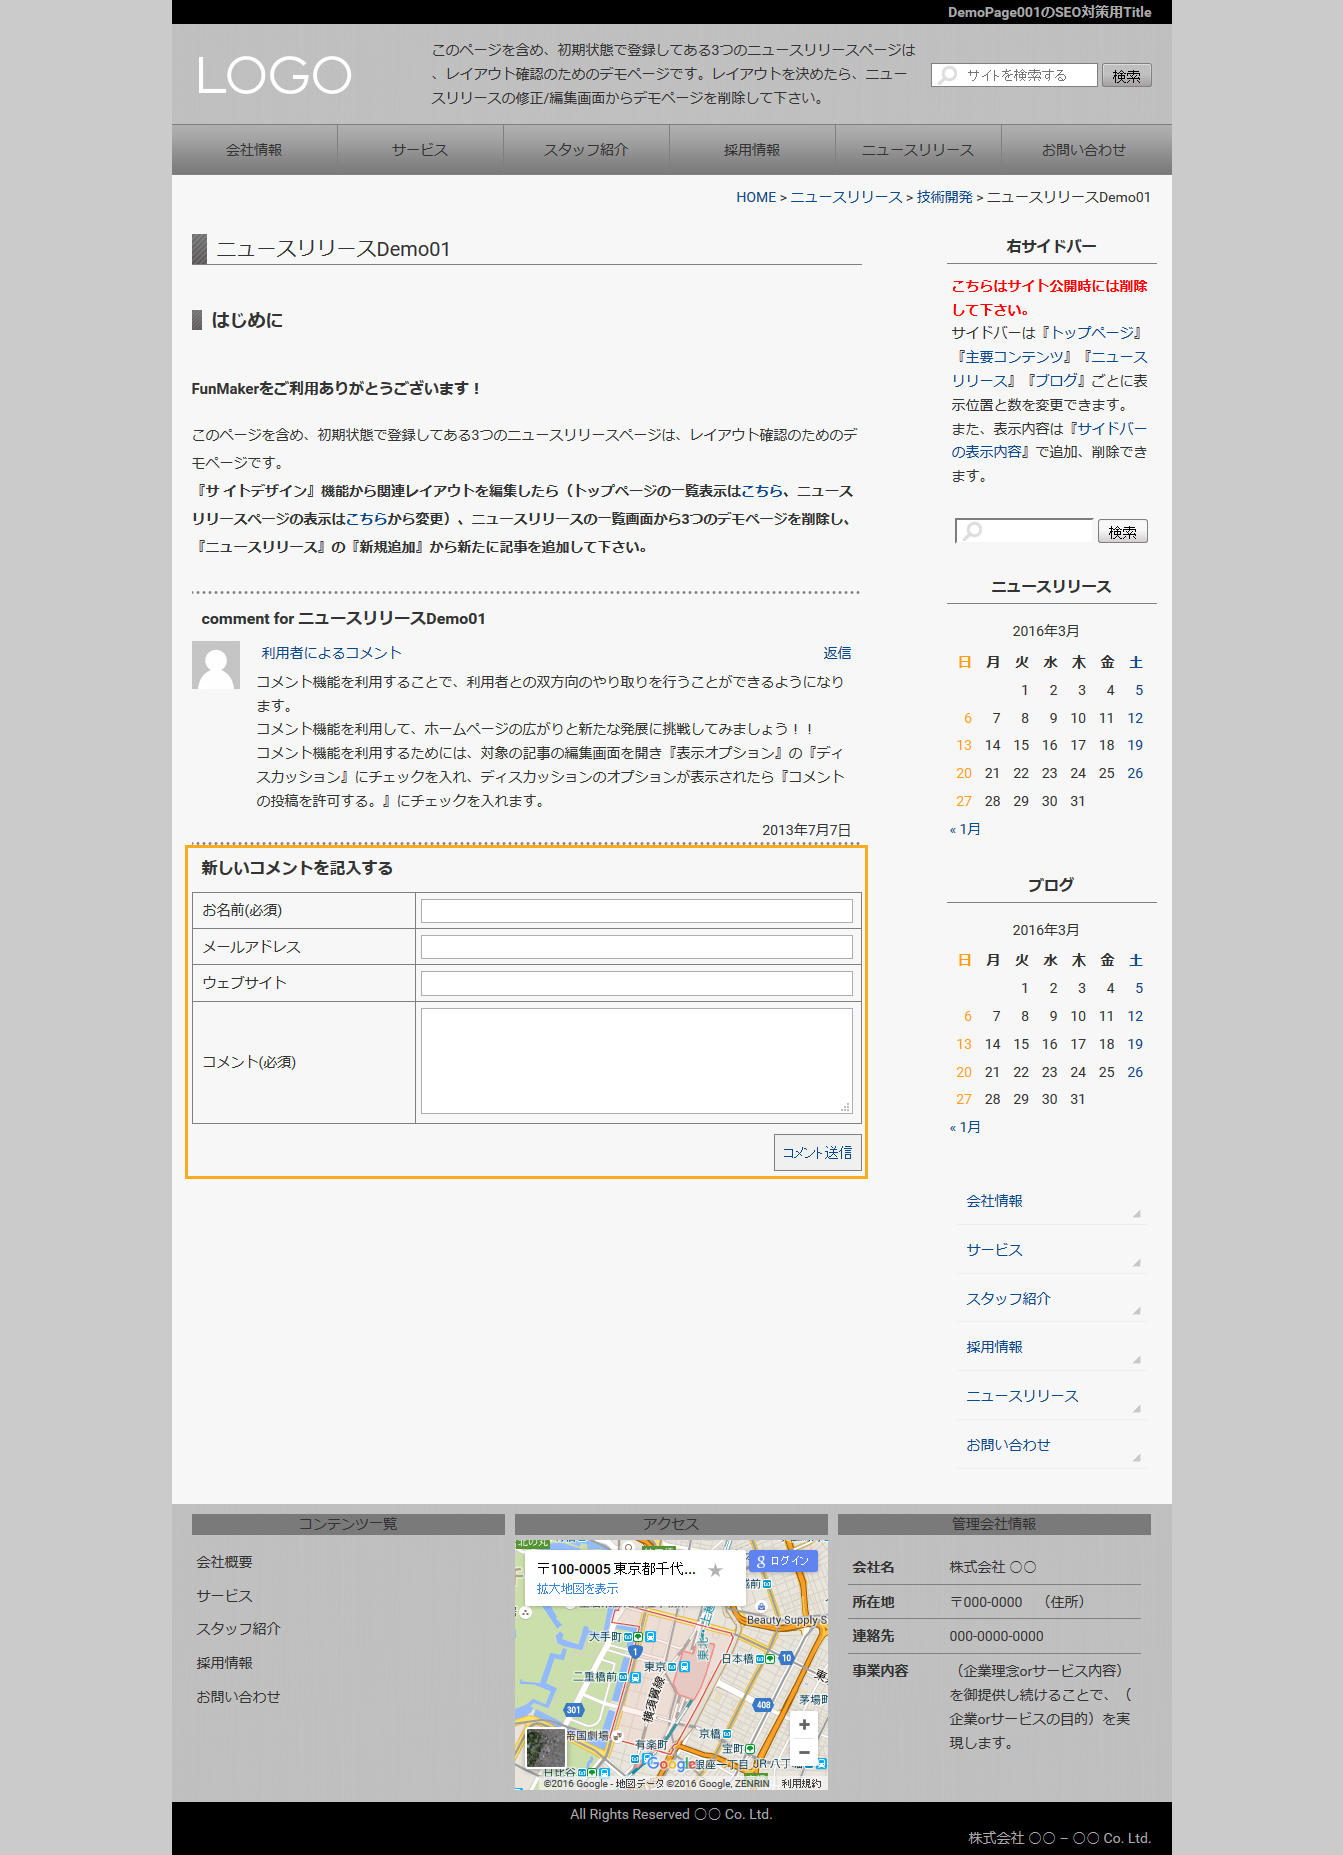 コメントの利用 表示画面 - 簡単格安ホームページ作成会社 -FunMaker